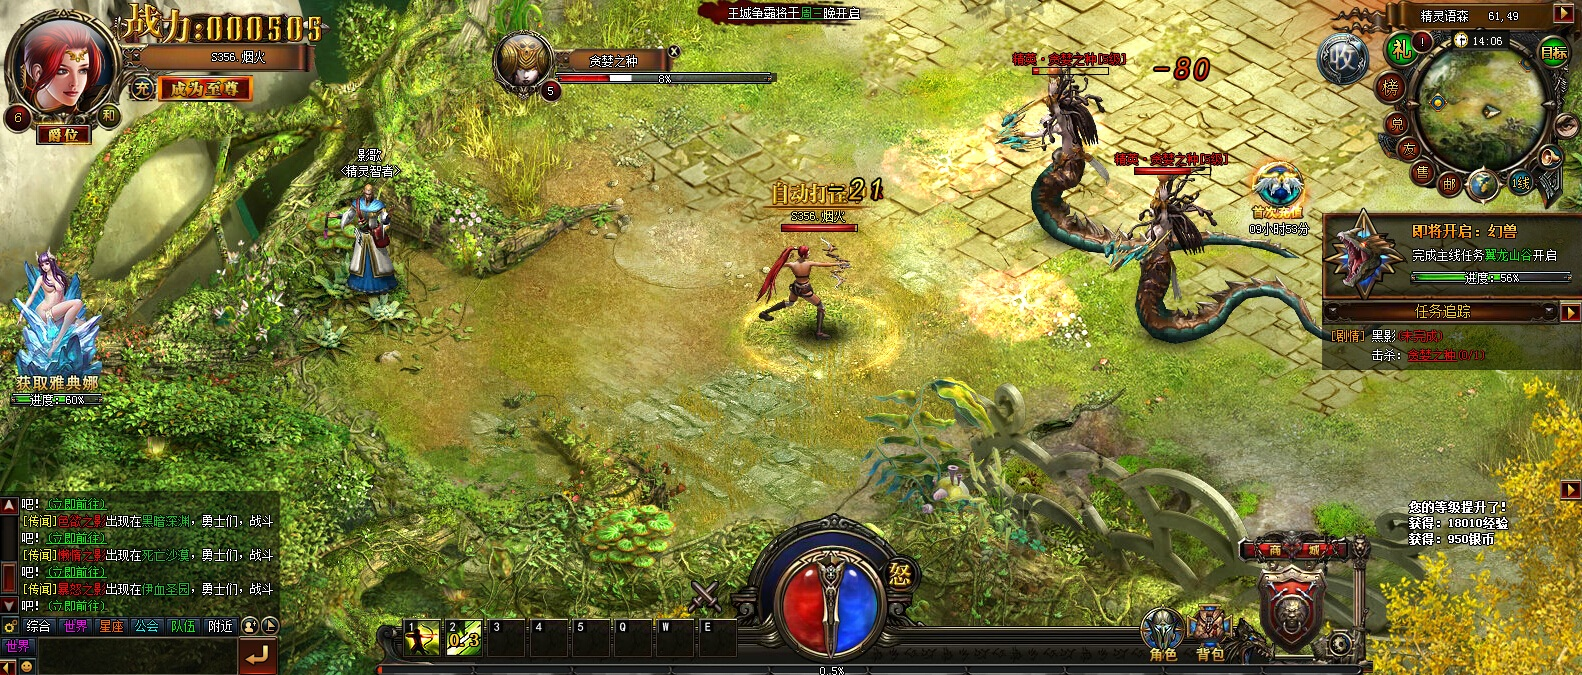 《暗黑之神》游戏截图